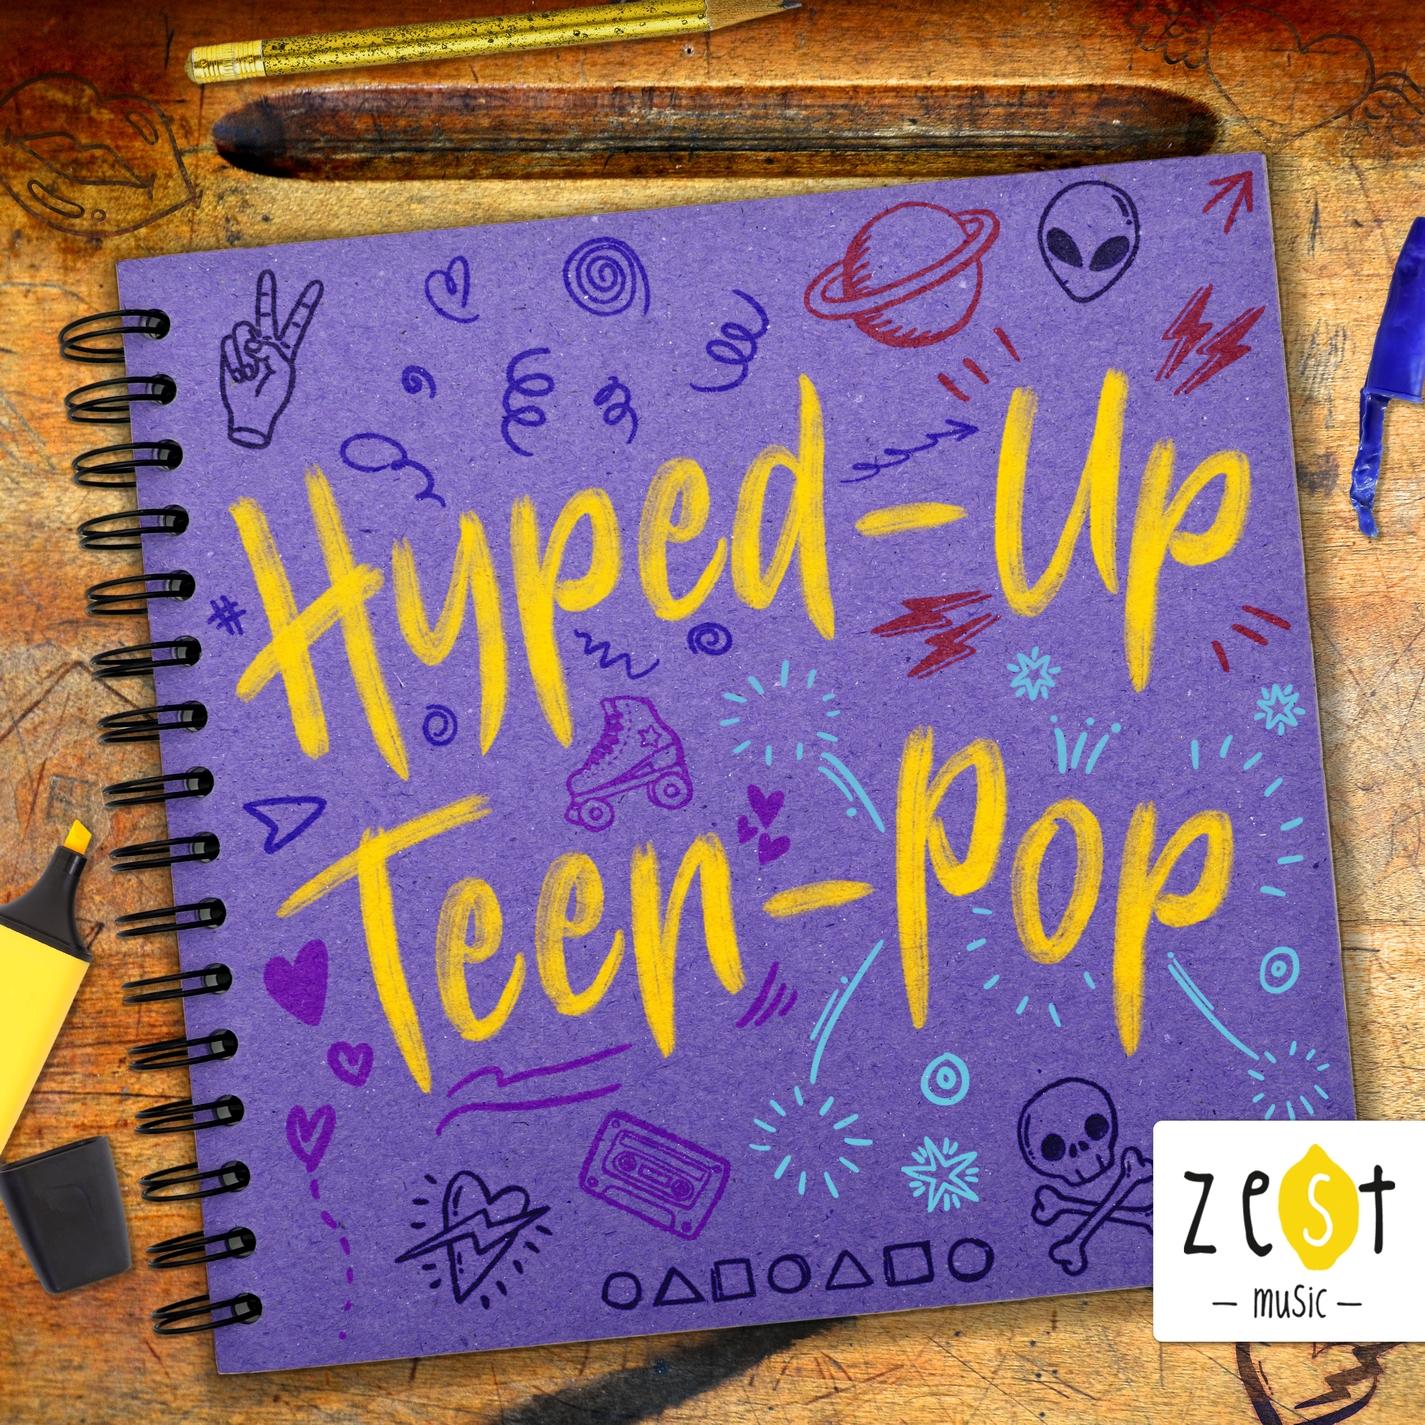 Hyped Up Teen Pop